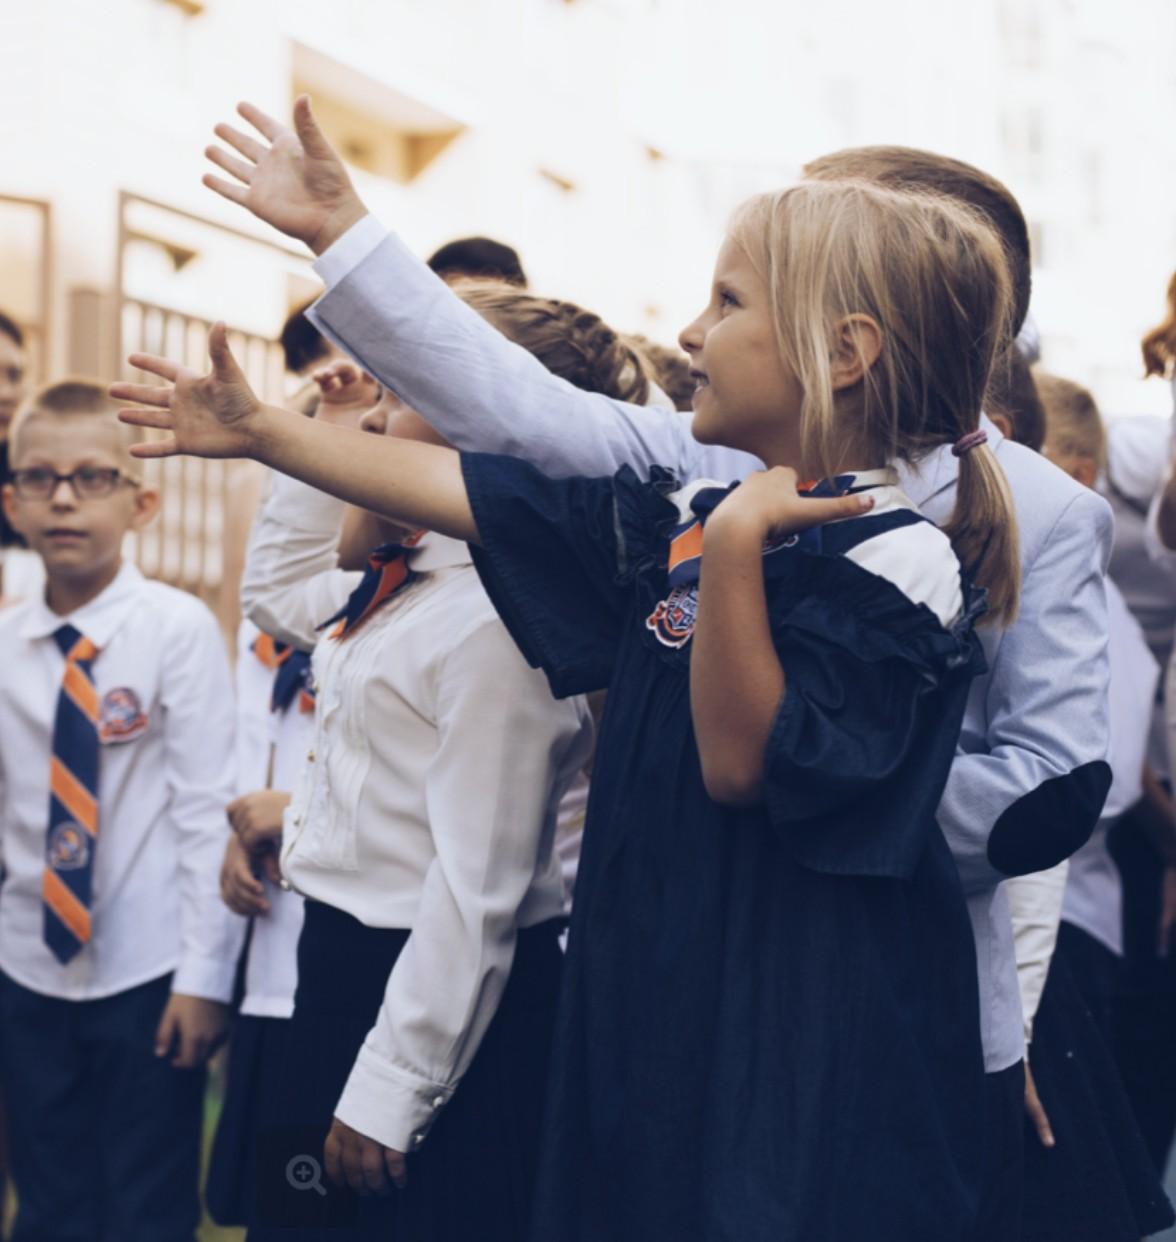 ЖизньвшколеONE ученики